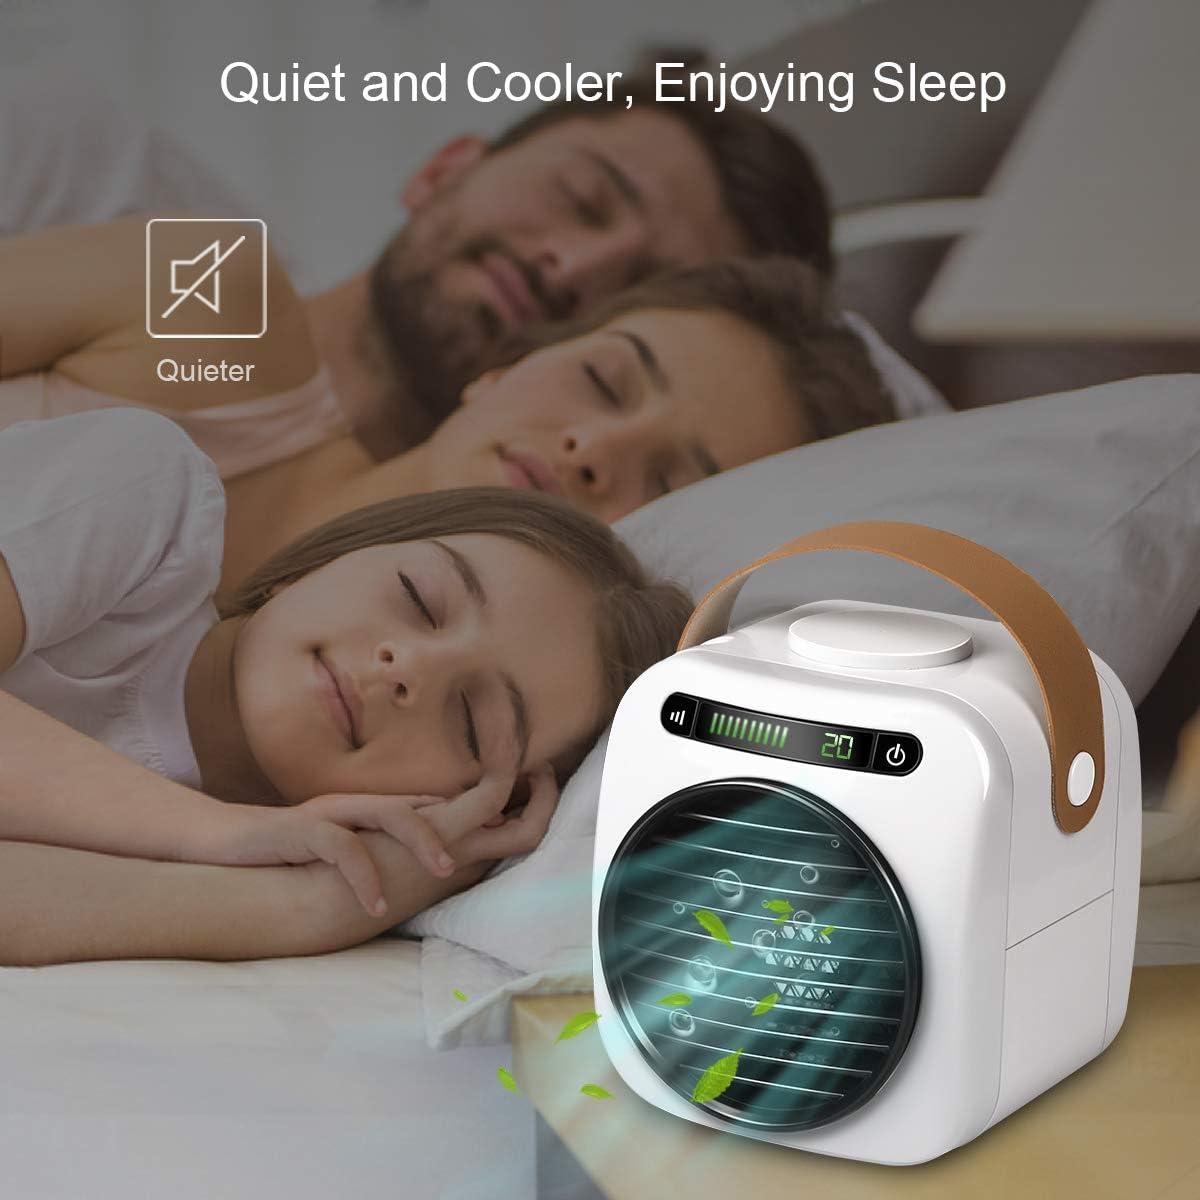 O2cool Fin Treva 10 Inch Portable Desktop Air Circulation